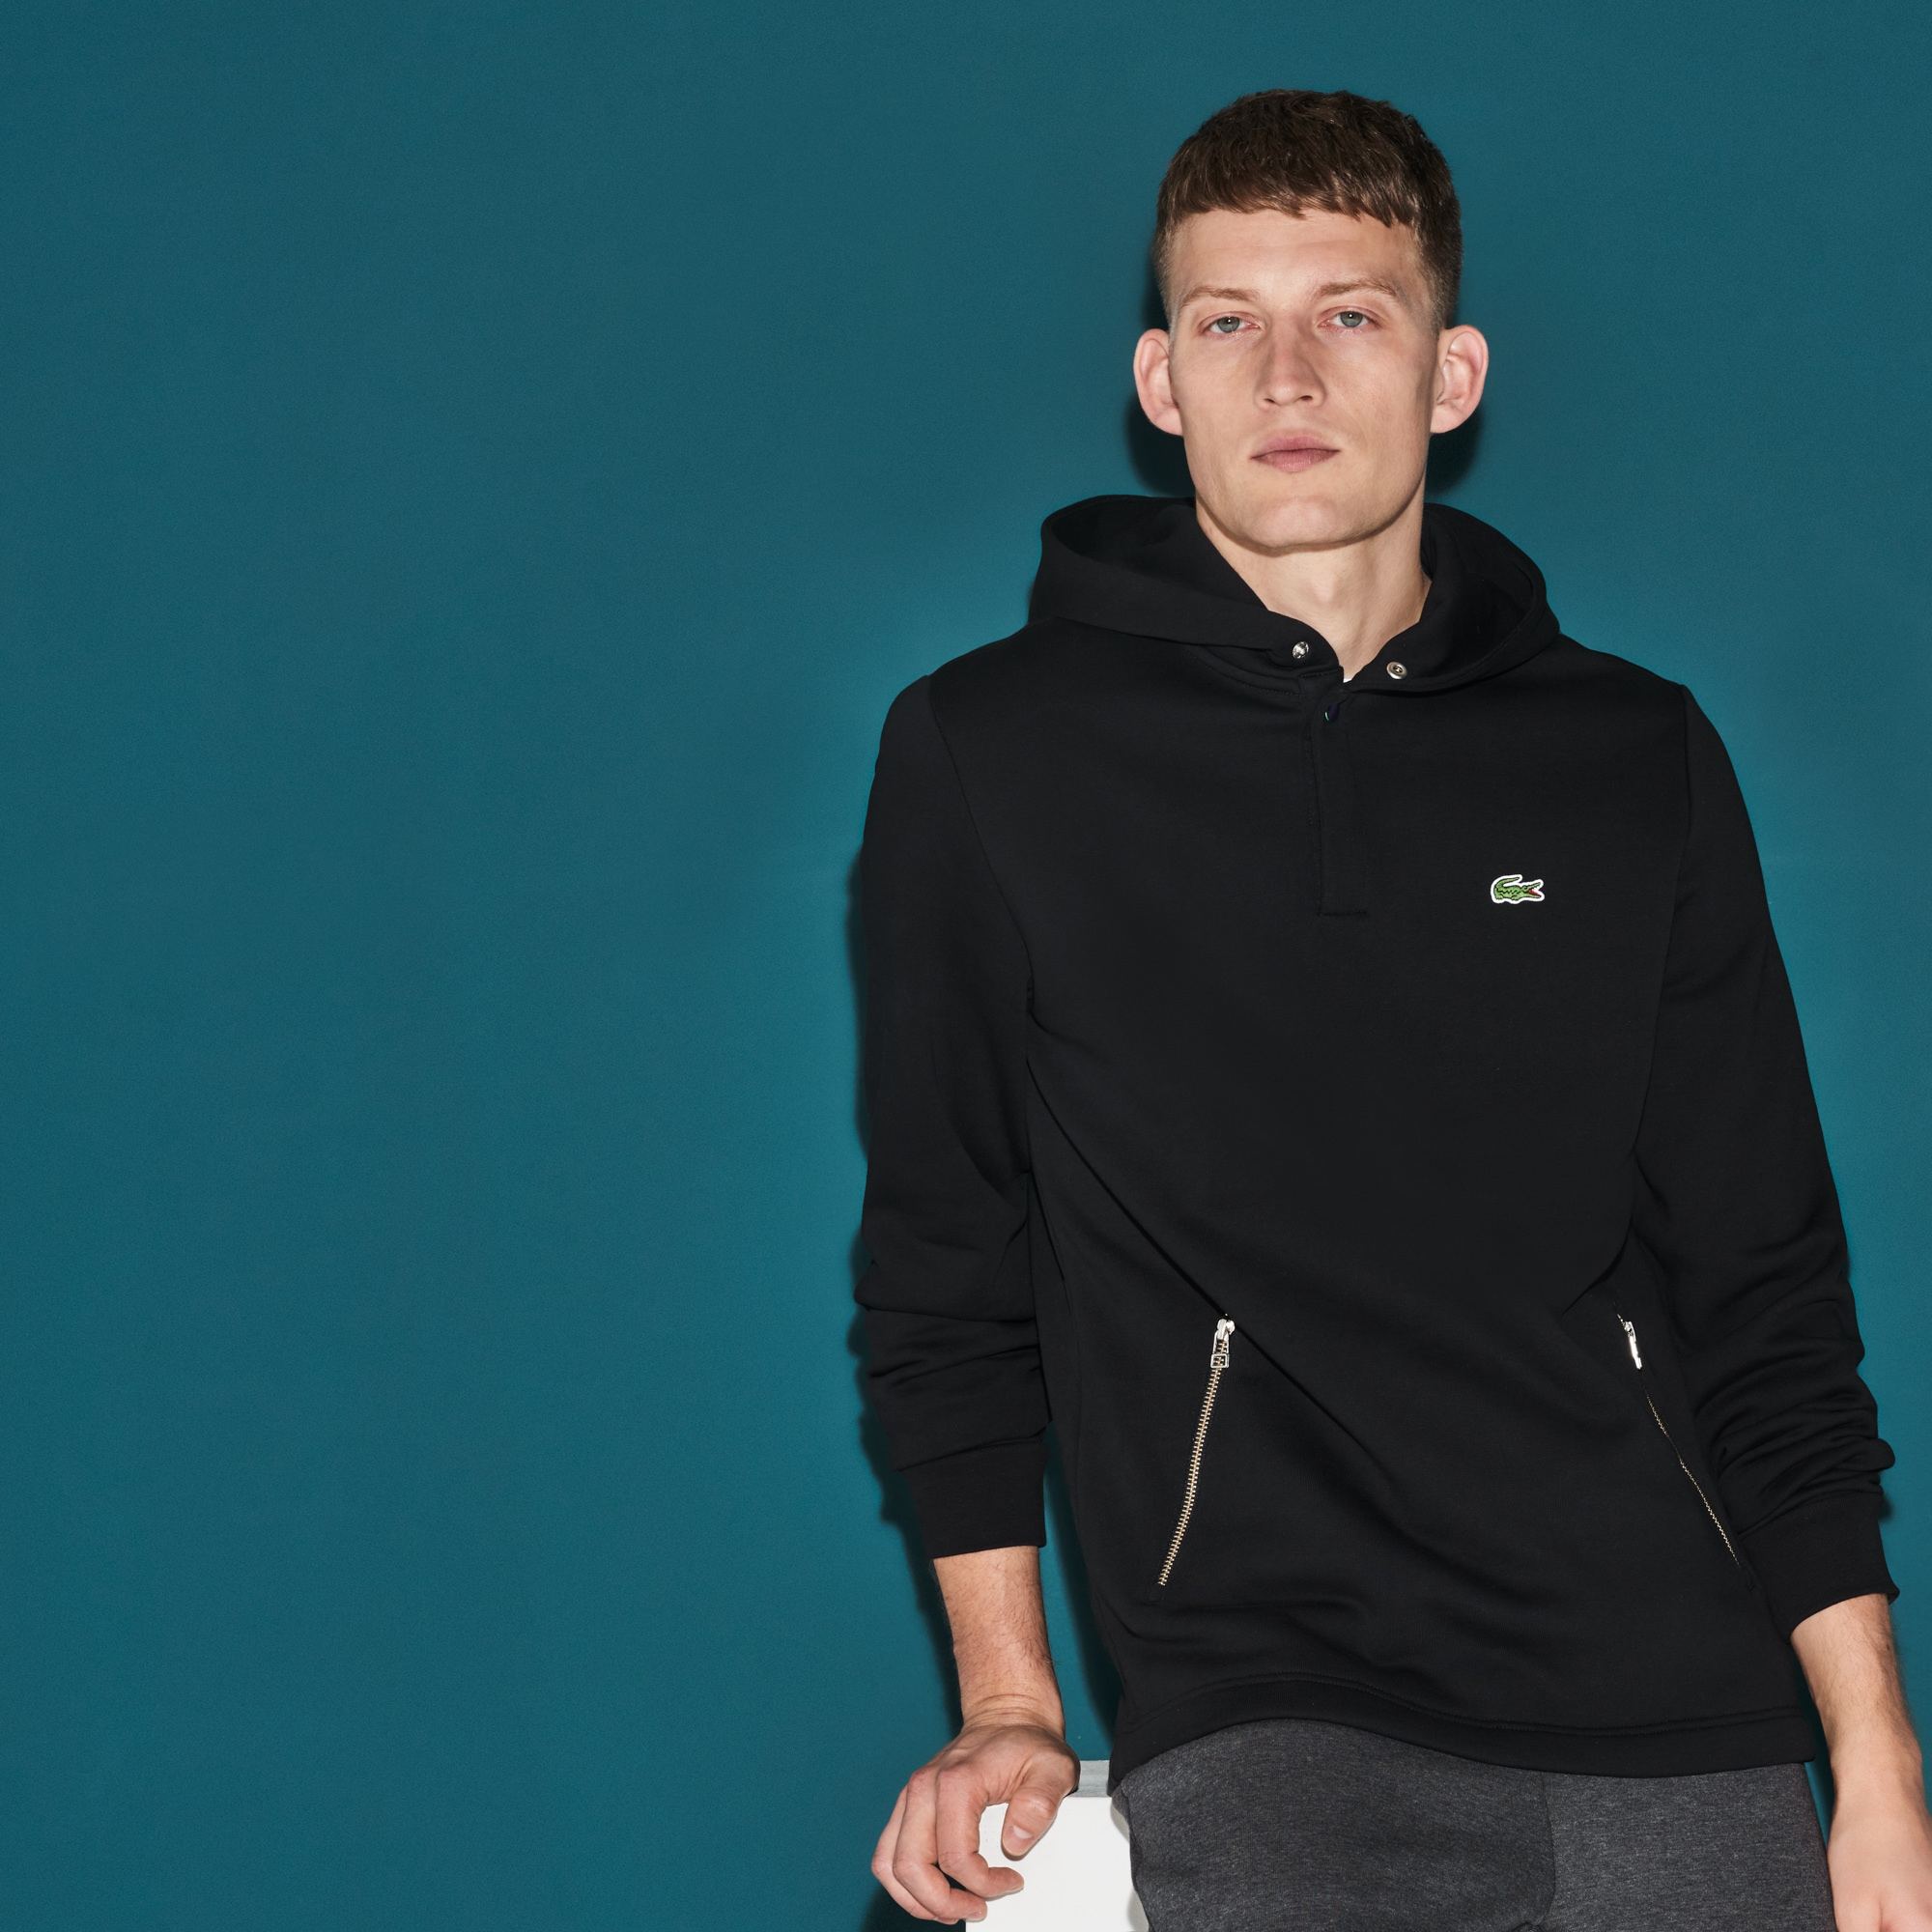 Men's SPORT Hooded Tennis Sweatshirt